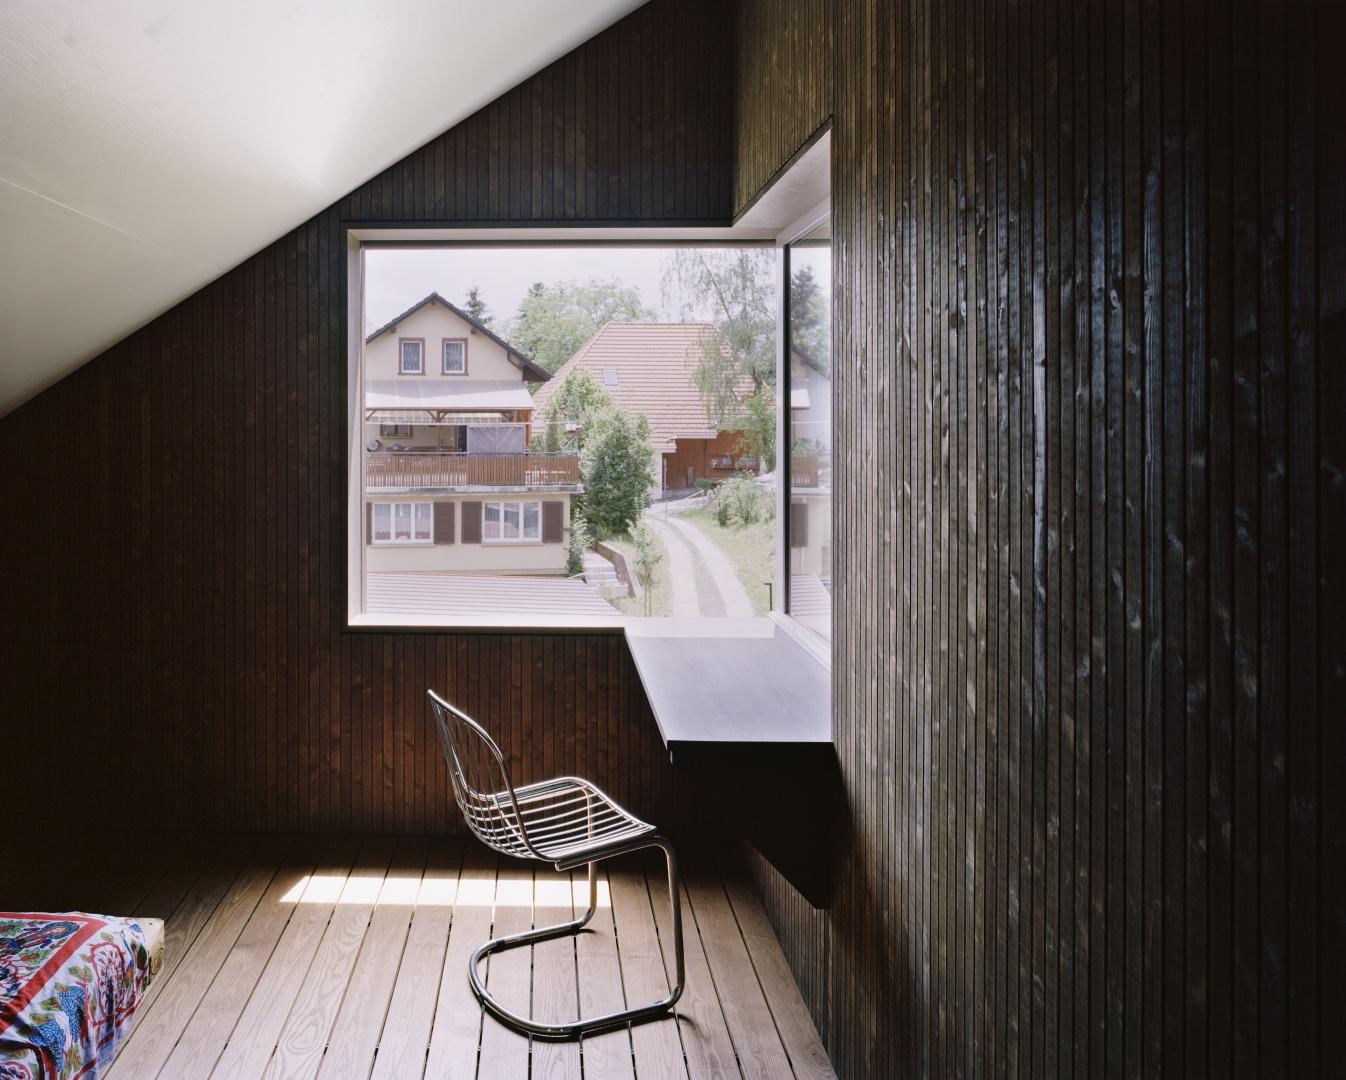 Aussenschlafzimmer © Joël Tettamanti